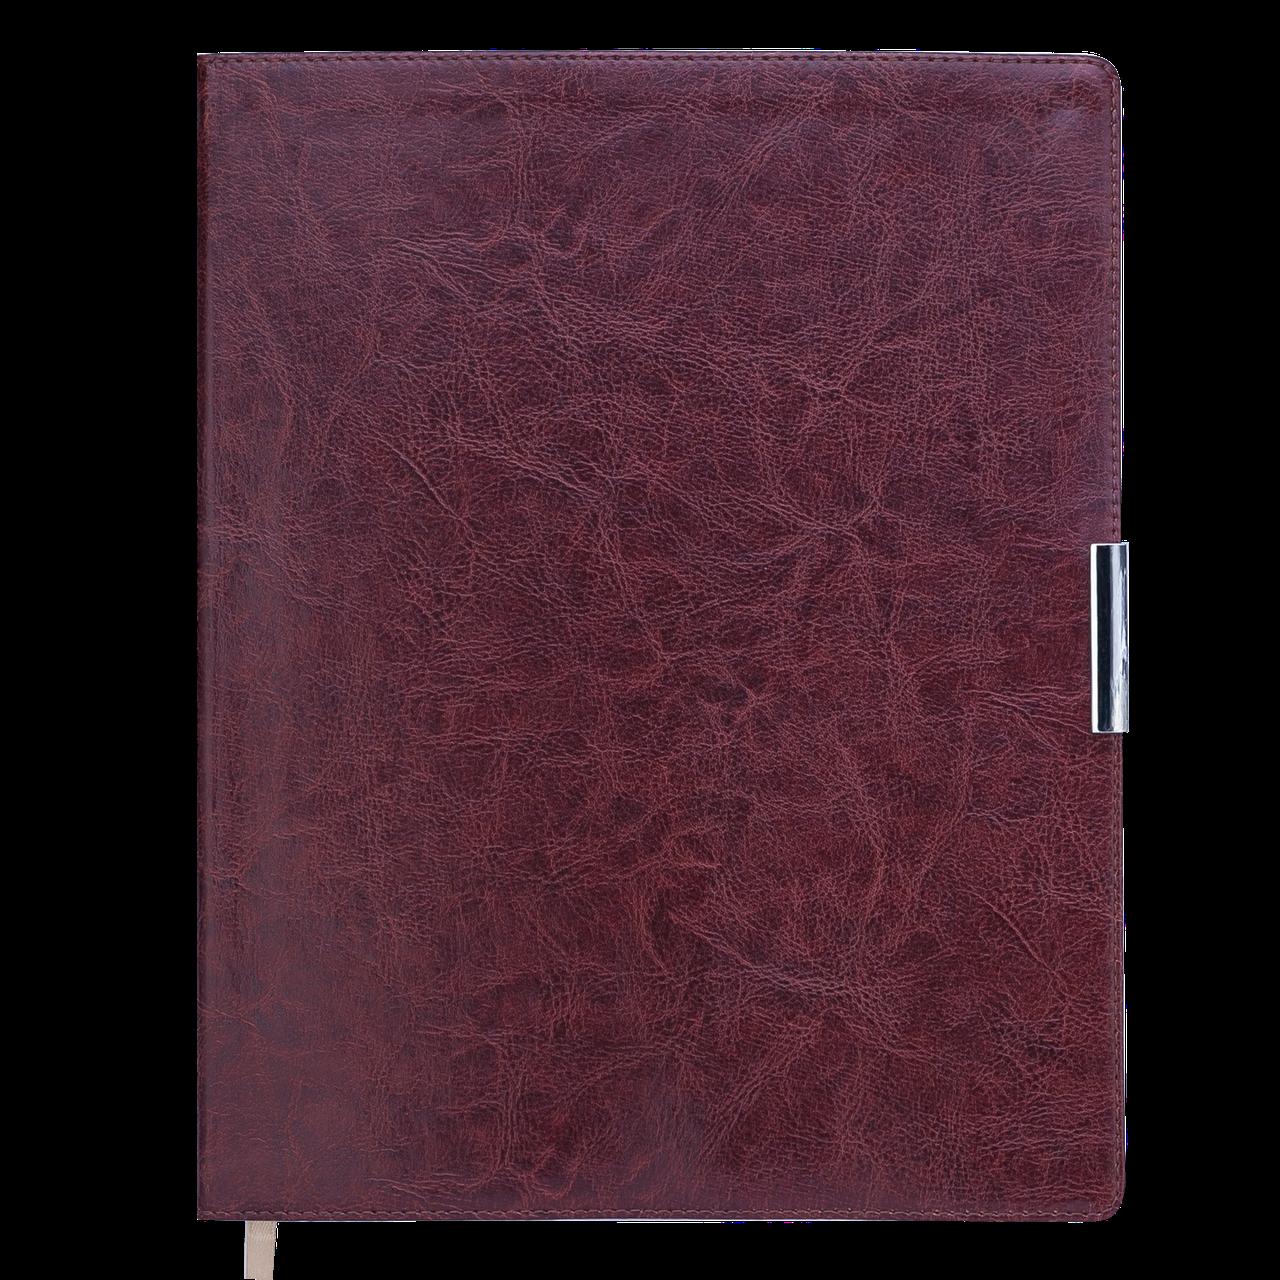 Еженедельник датированный 2020 SALERNO, A4, 136 стр. коричневый